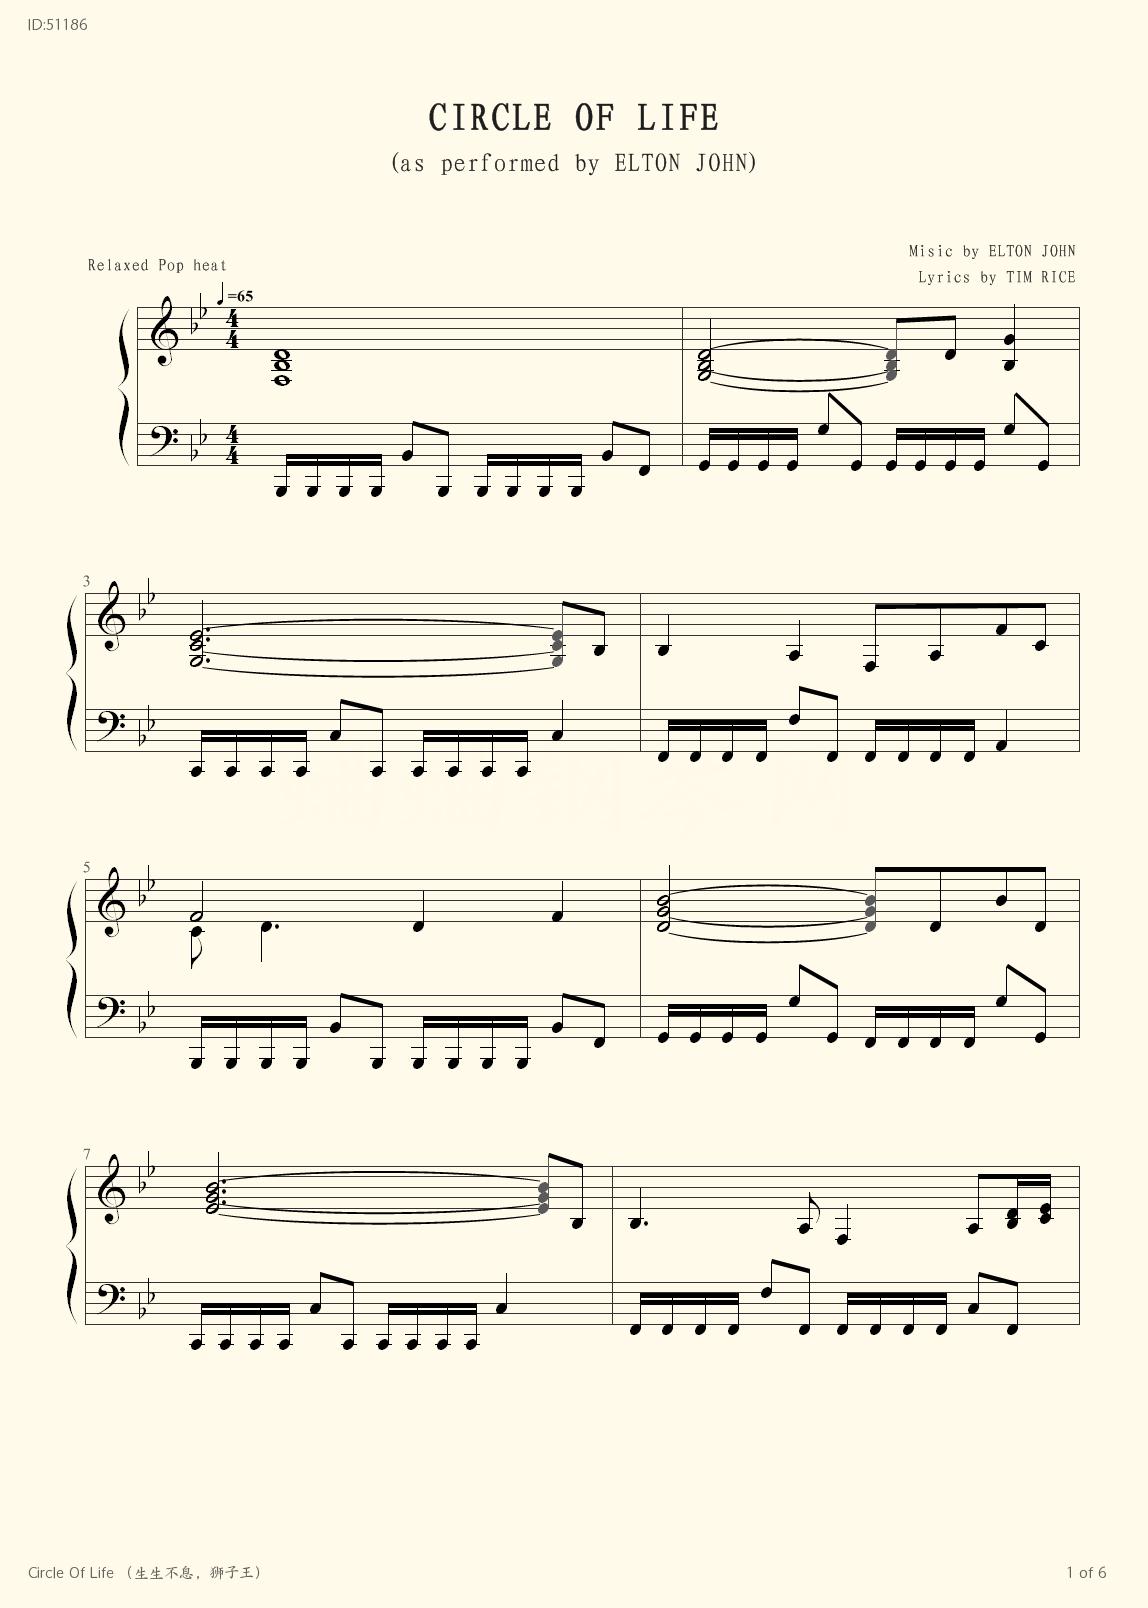 Circle Of Life  - Elton John - first page